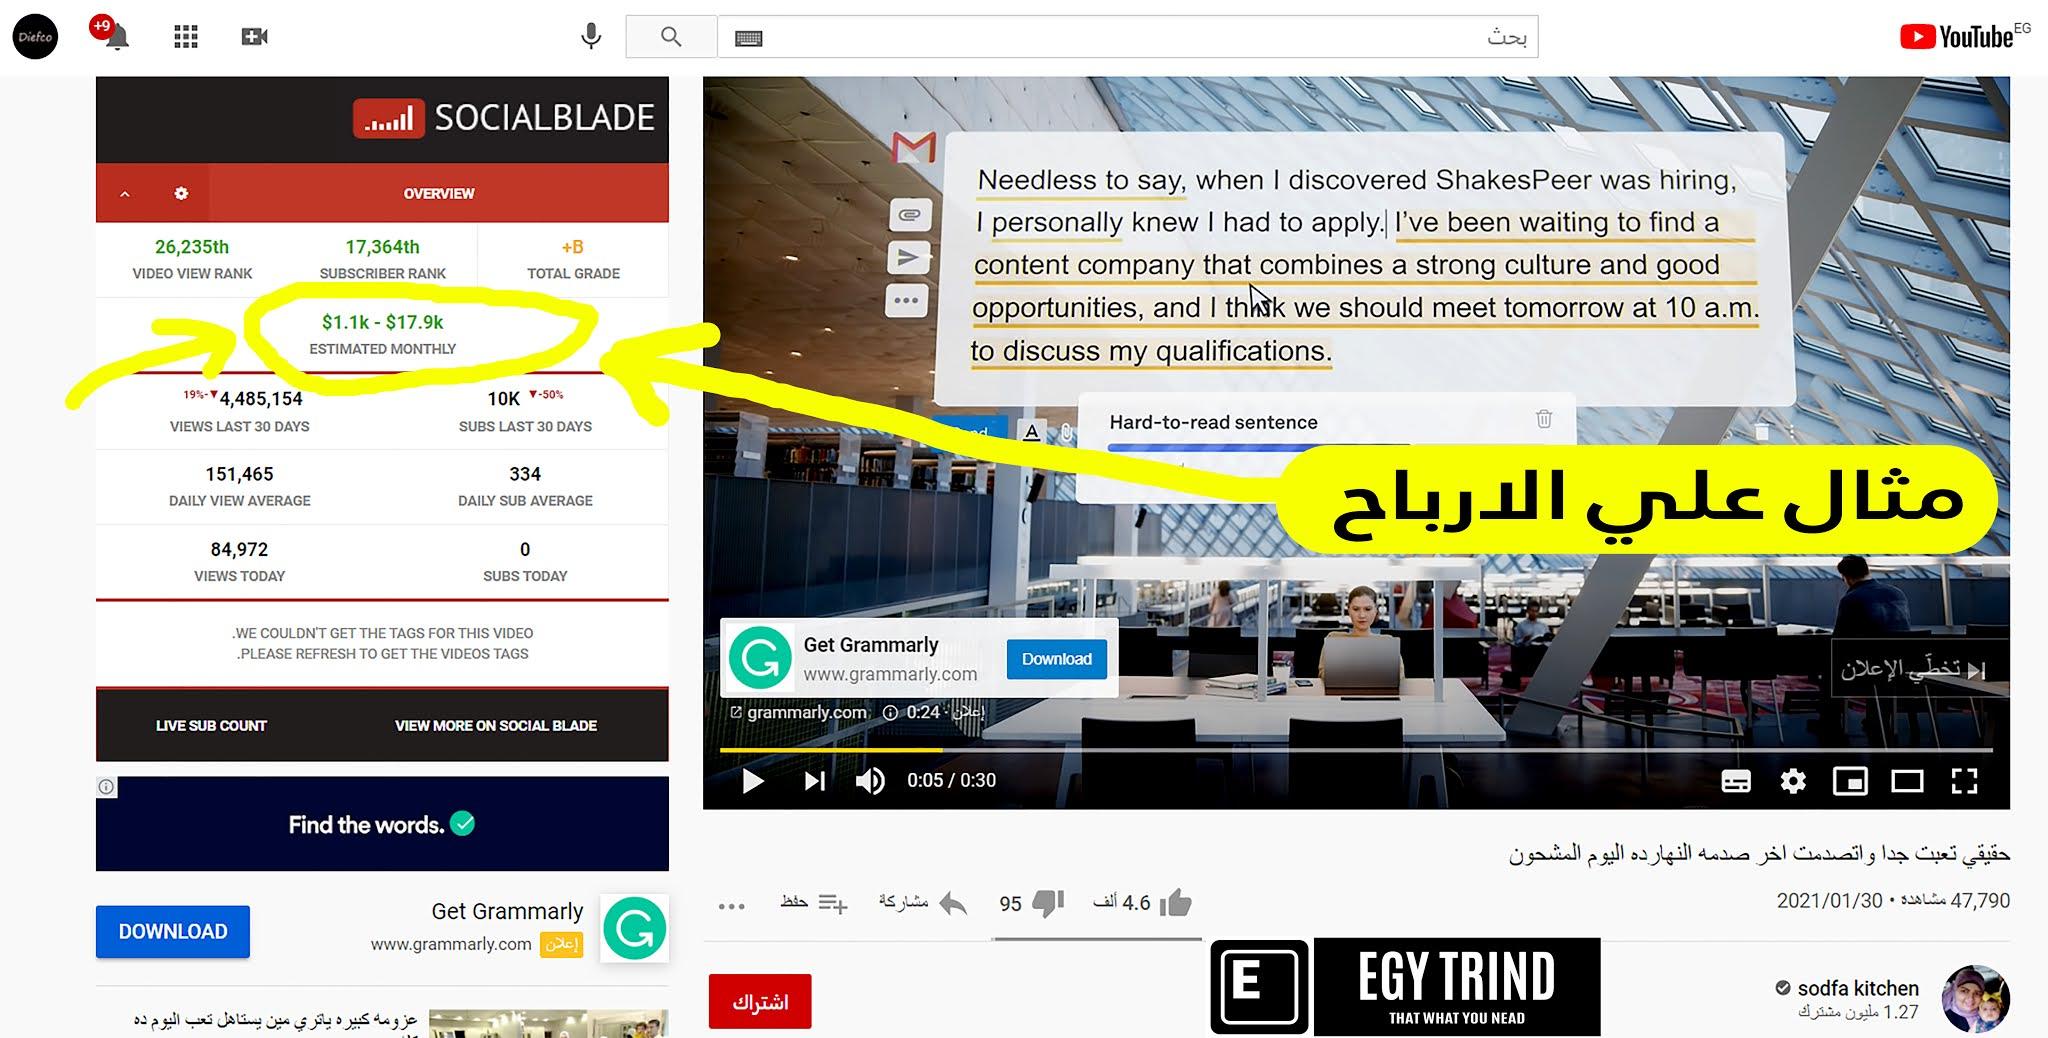 3. افضل فكرة للعمل من المنزل انشاء قناة يوتيوب للربح من الفيديوهات